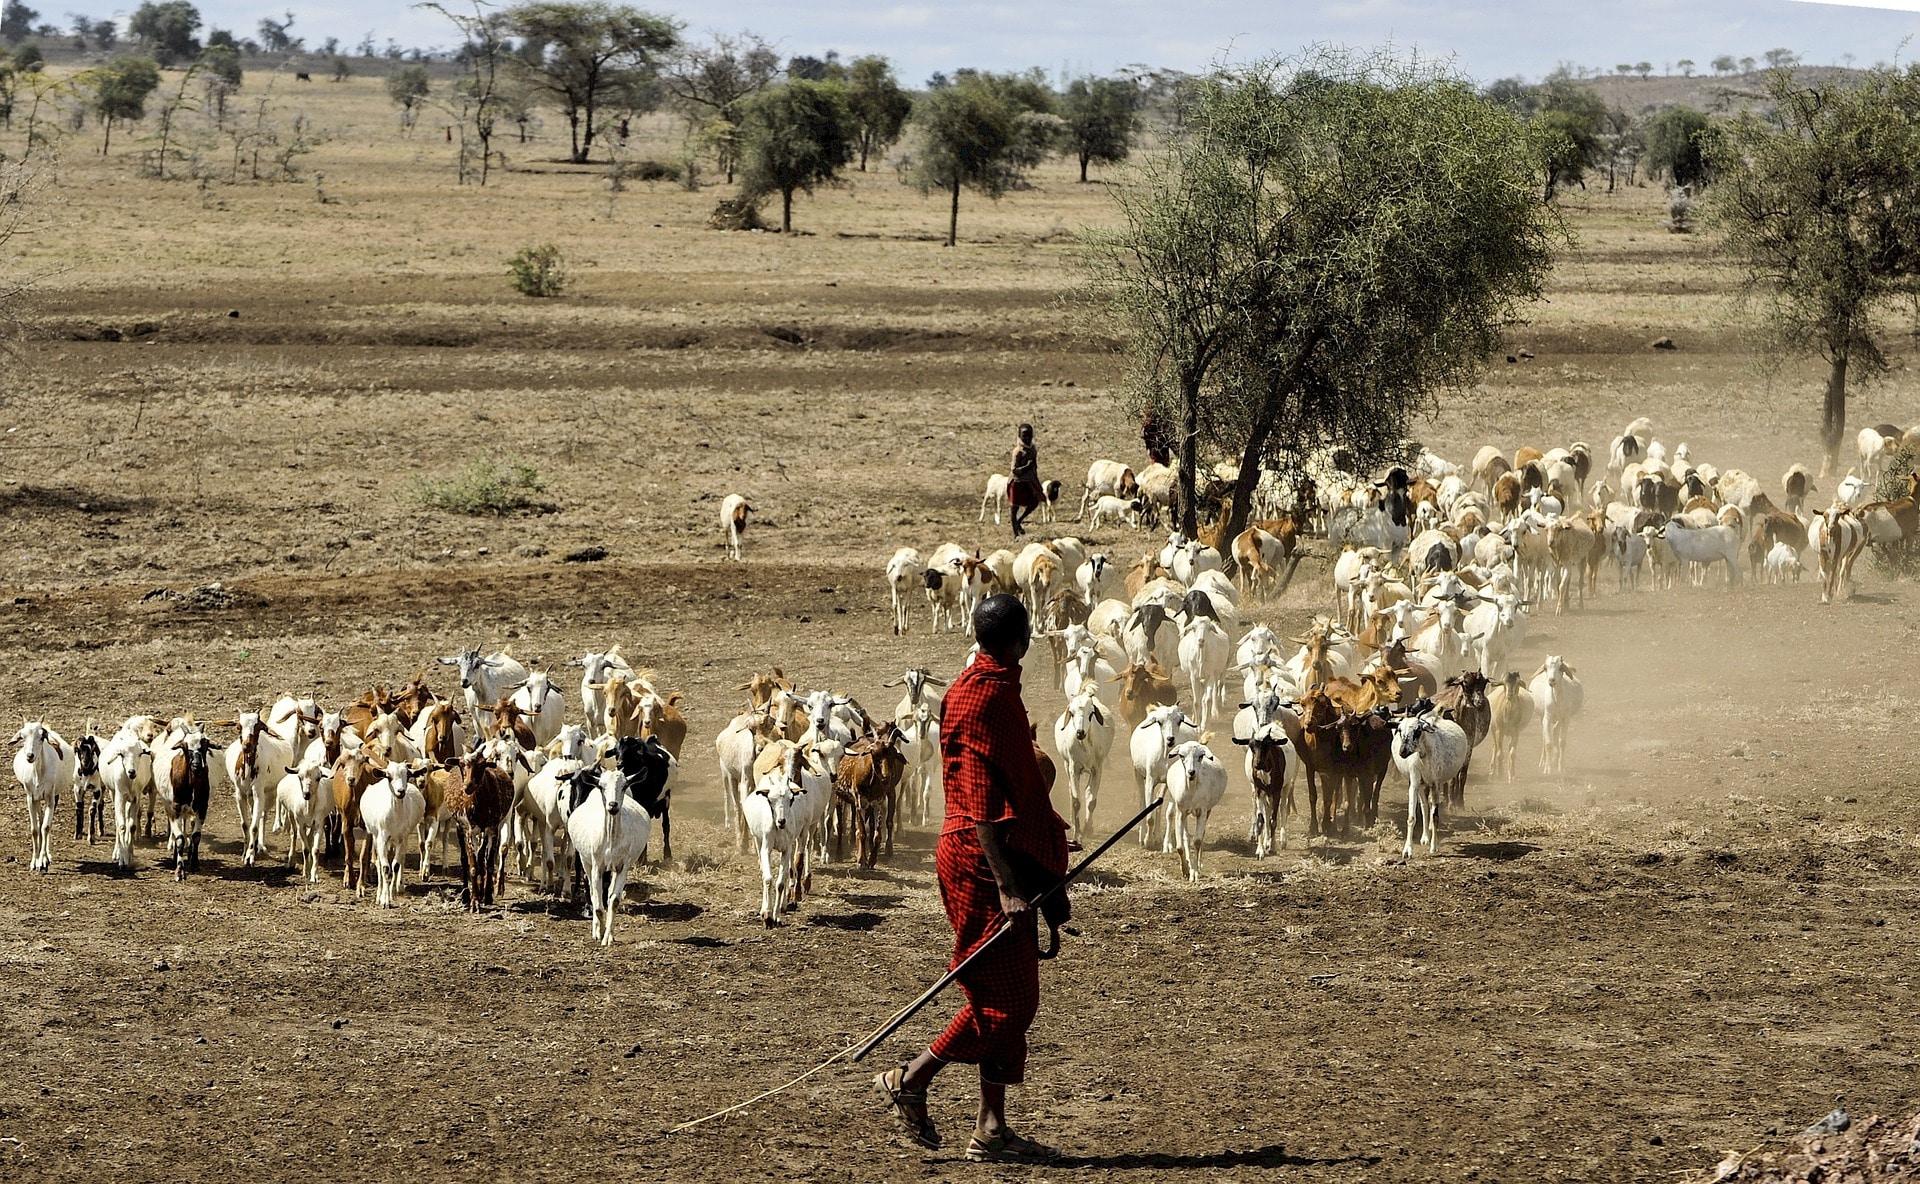 Volontariato internazionale in Tanzania nella tutela ambientale